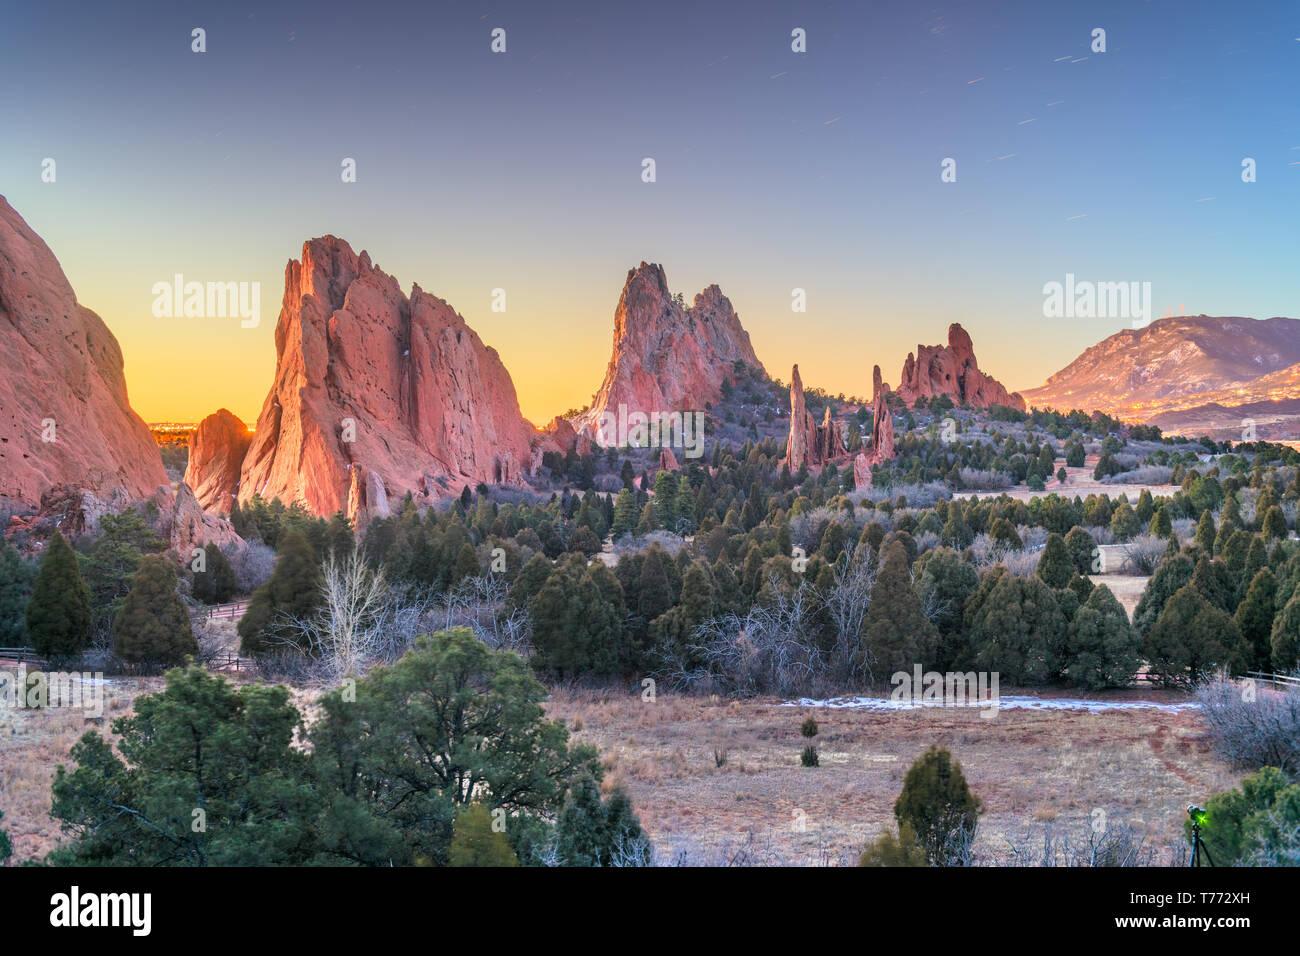 Garden of the Gods, Colorado Springs, Colorado, USA. - Stock Image